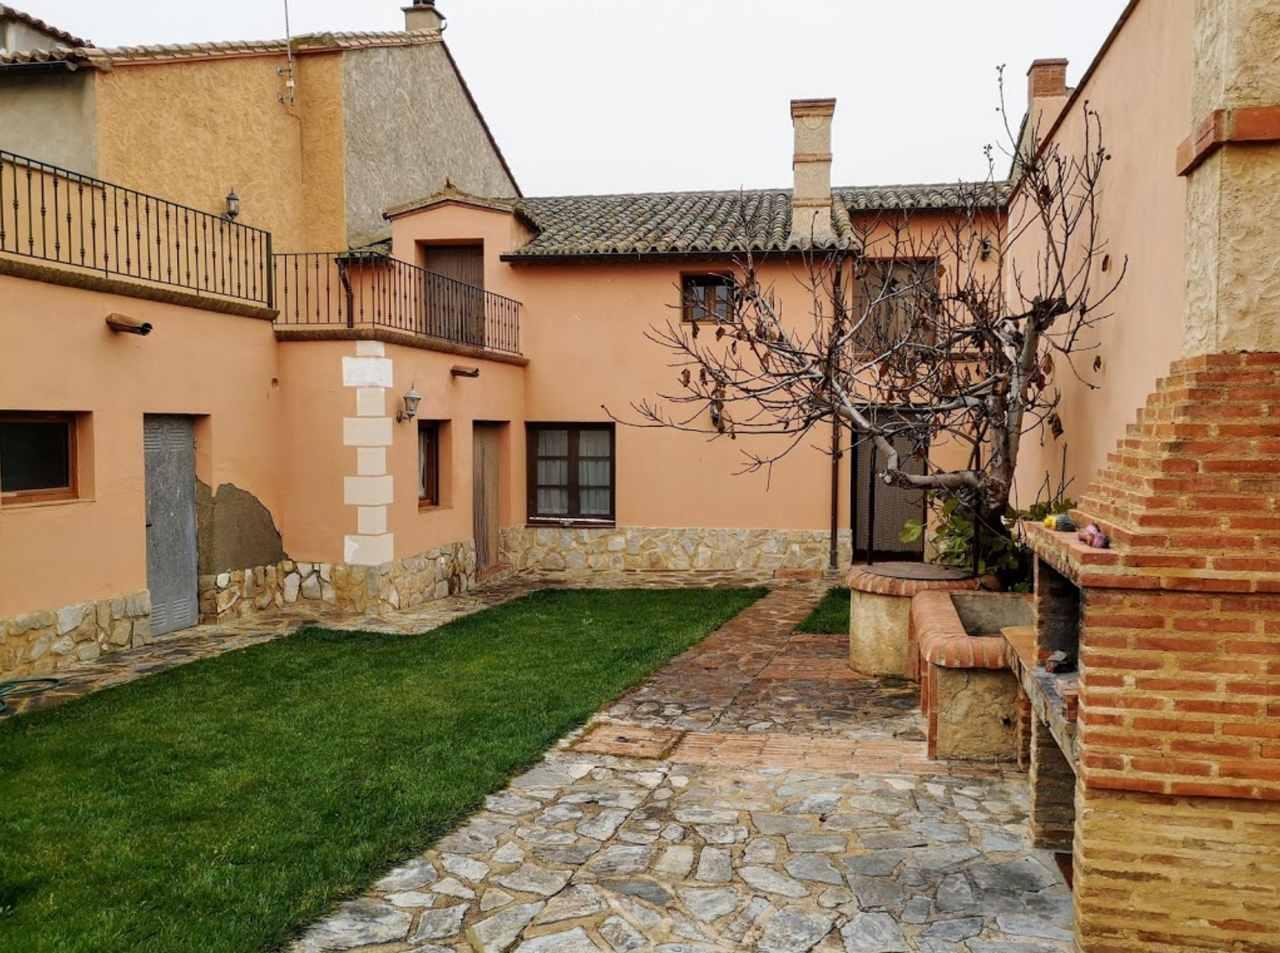 Casa Rural de los Reyes Godos en San Román de Hornija, Valladolid